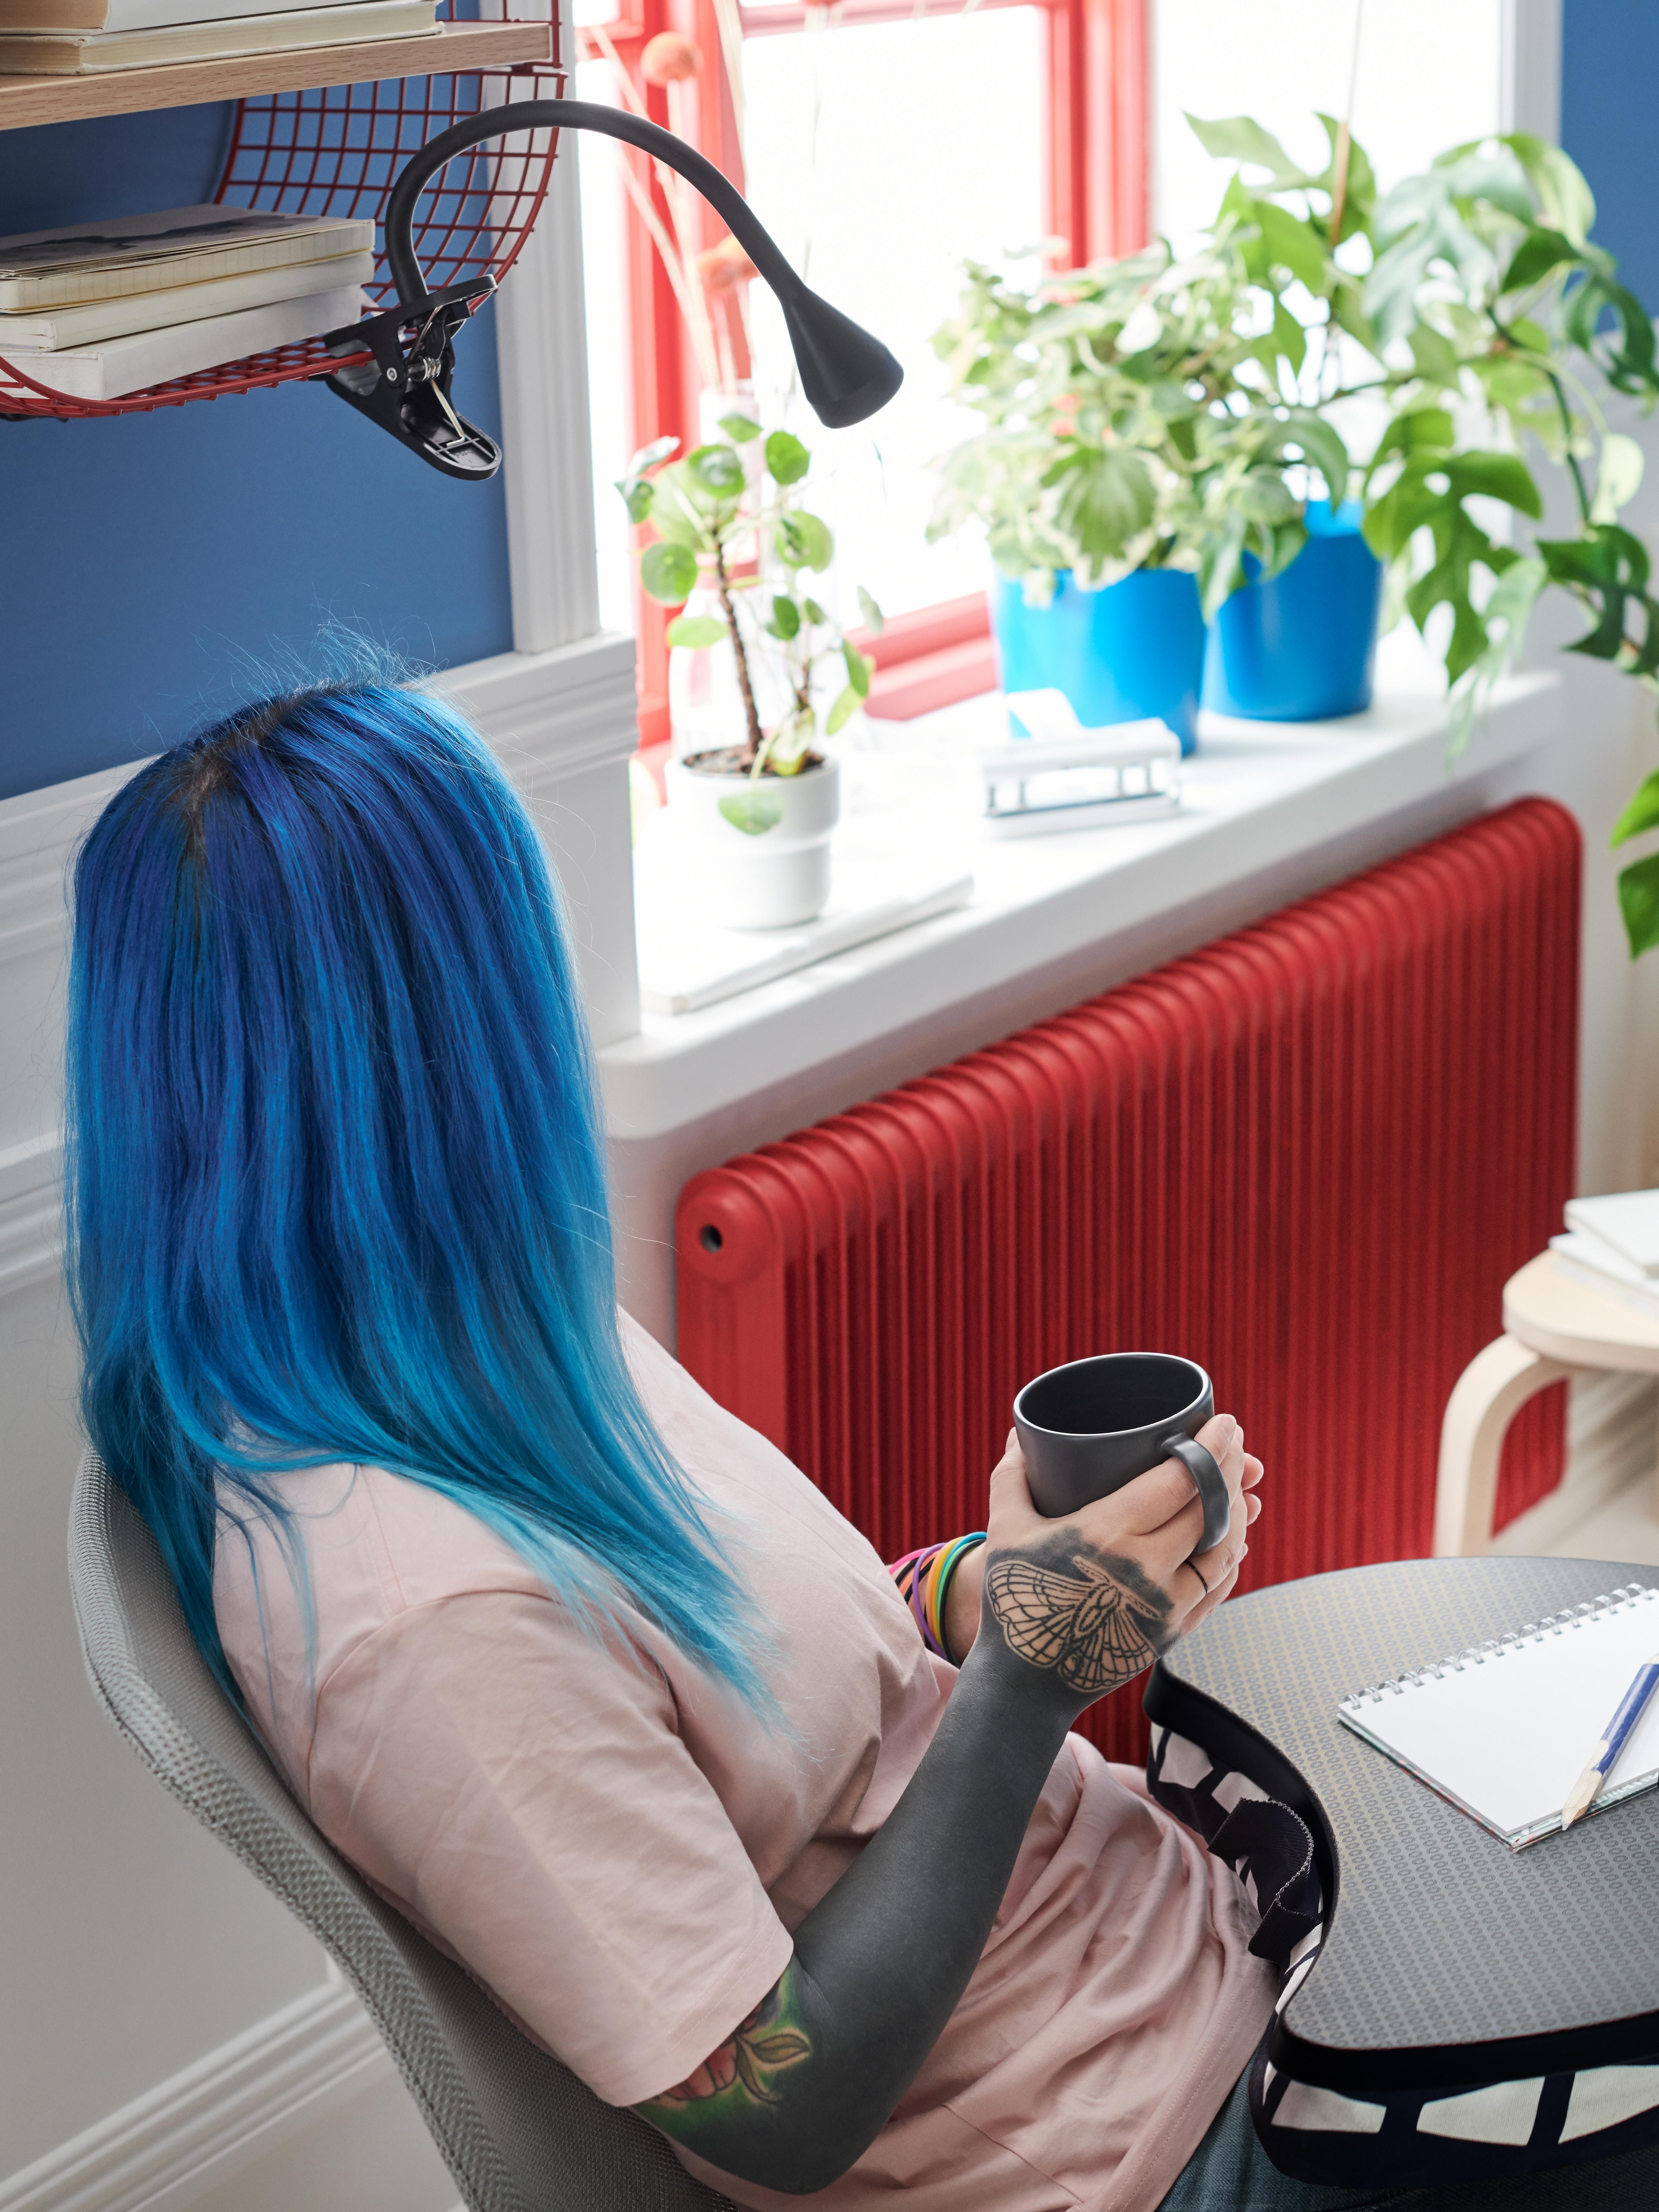 Žena sjedi naslonjena u stolicu držeći DINERA šalicu, u krilu ima BYLLAN držač za laptop i bilježnicu.